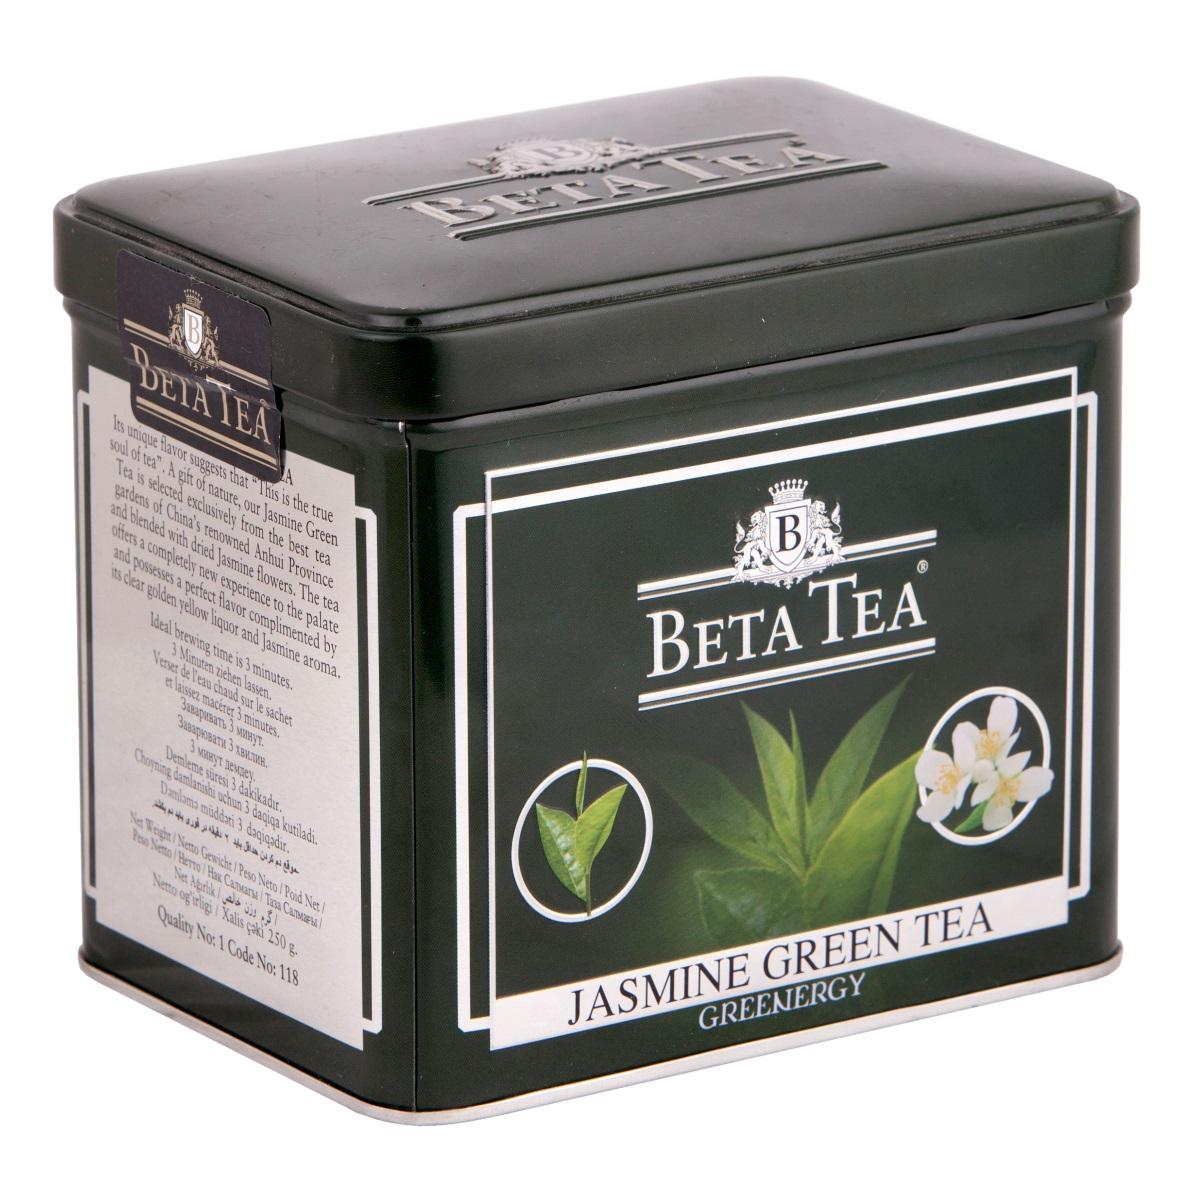 Beta Tea Зеленый с жасмином листовой чай, 250 г 62г anxi tieguanyin аромат чая tieguanyin tea oolong tea